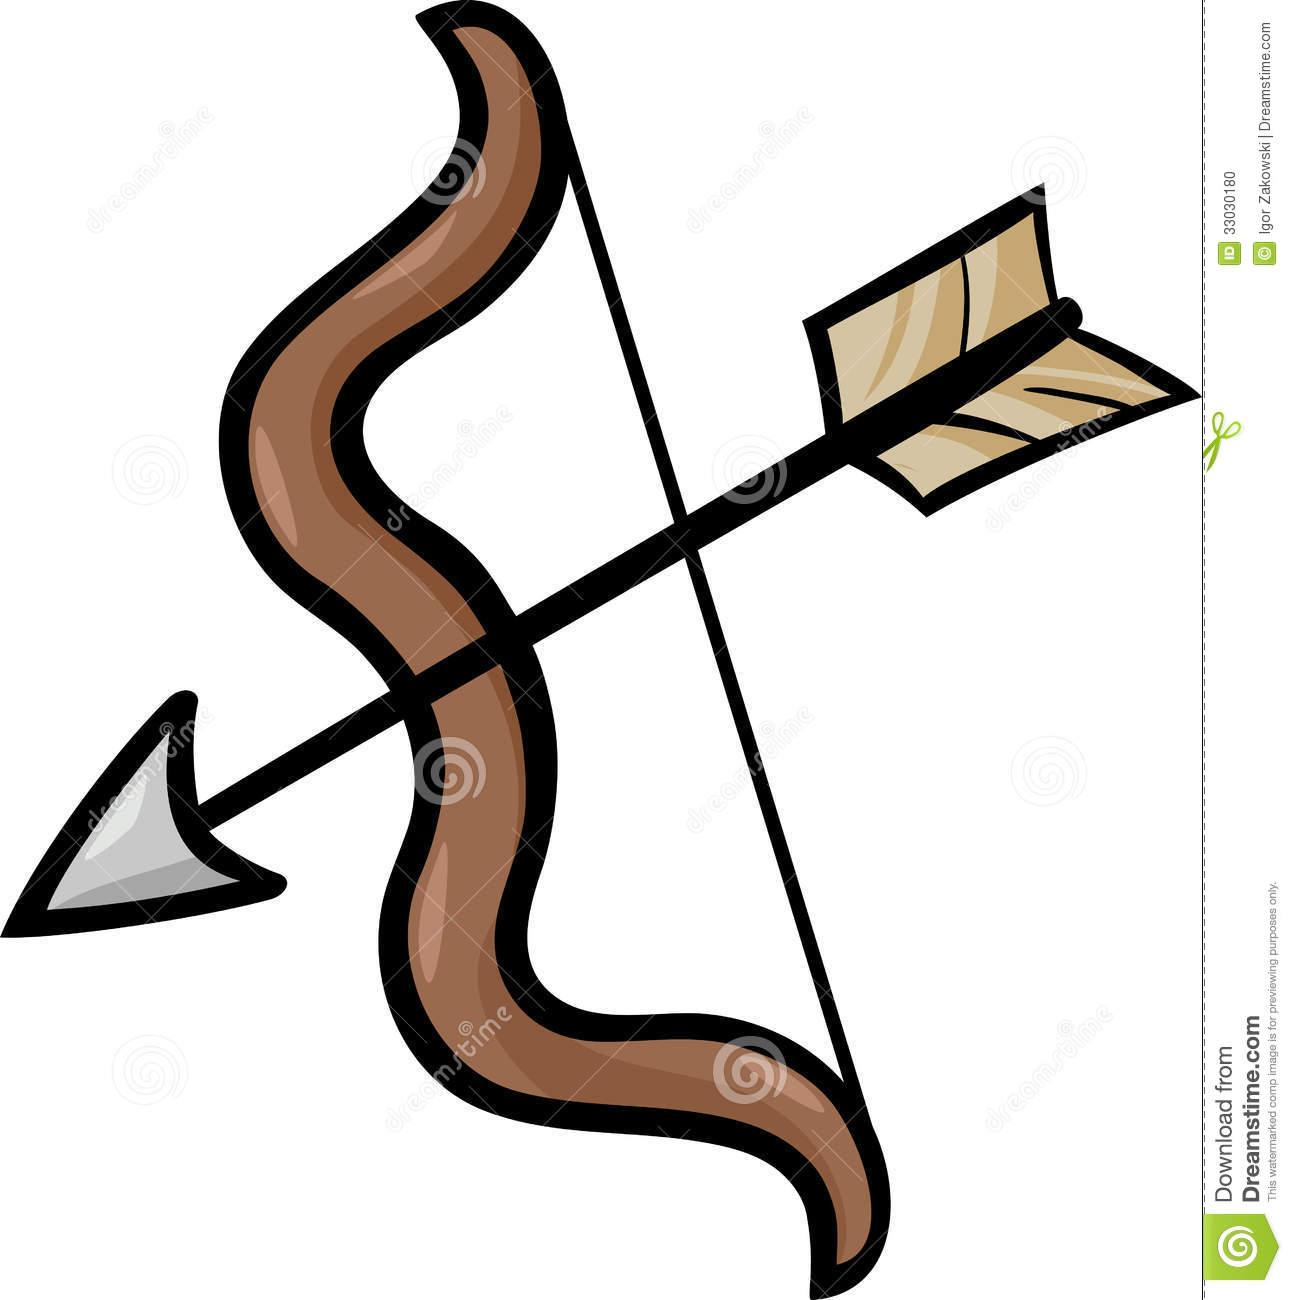 Bow clipart cartoon. And arrow clip art